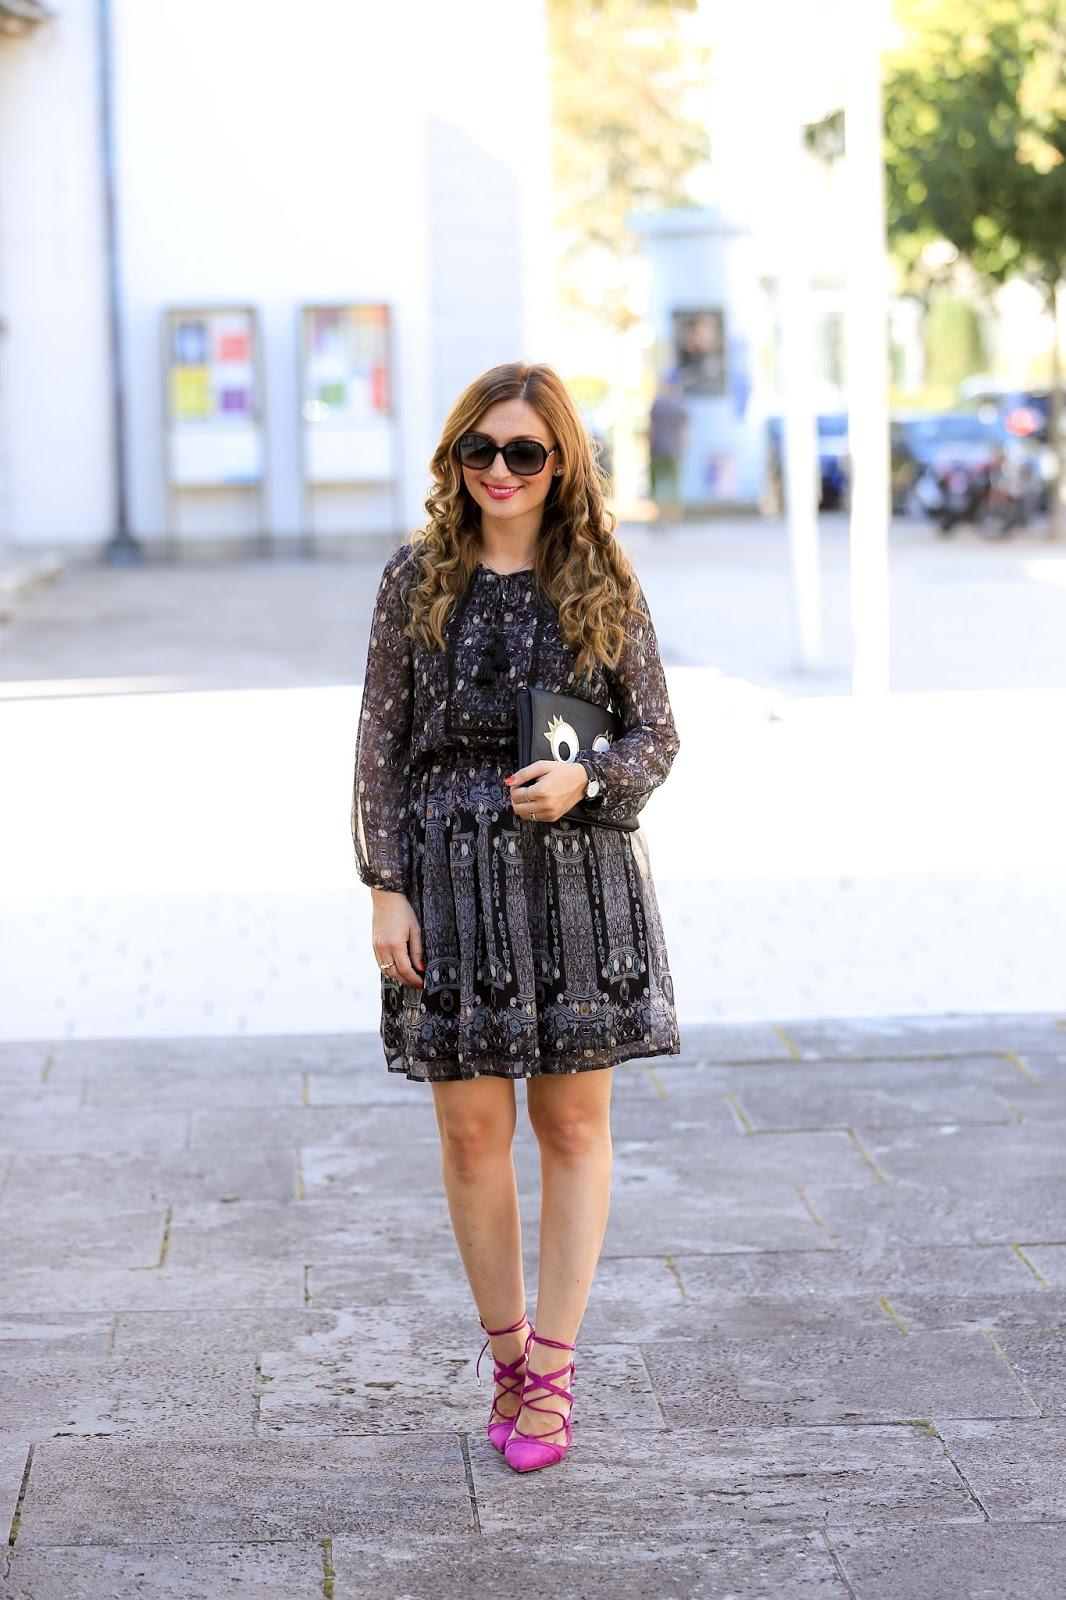 Blogger aus Deutschland-Lifestyleblogger aus Deutschland-Fashionstylebyjohanna im Kleid -Winterkleid-Pinke Schuhe-Colloseum-Wie kombiniere ich pinke Schuhe-was kann man zu pinken Schuhen tragen-Blogger aus Deutschland -Frankfurt-